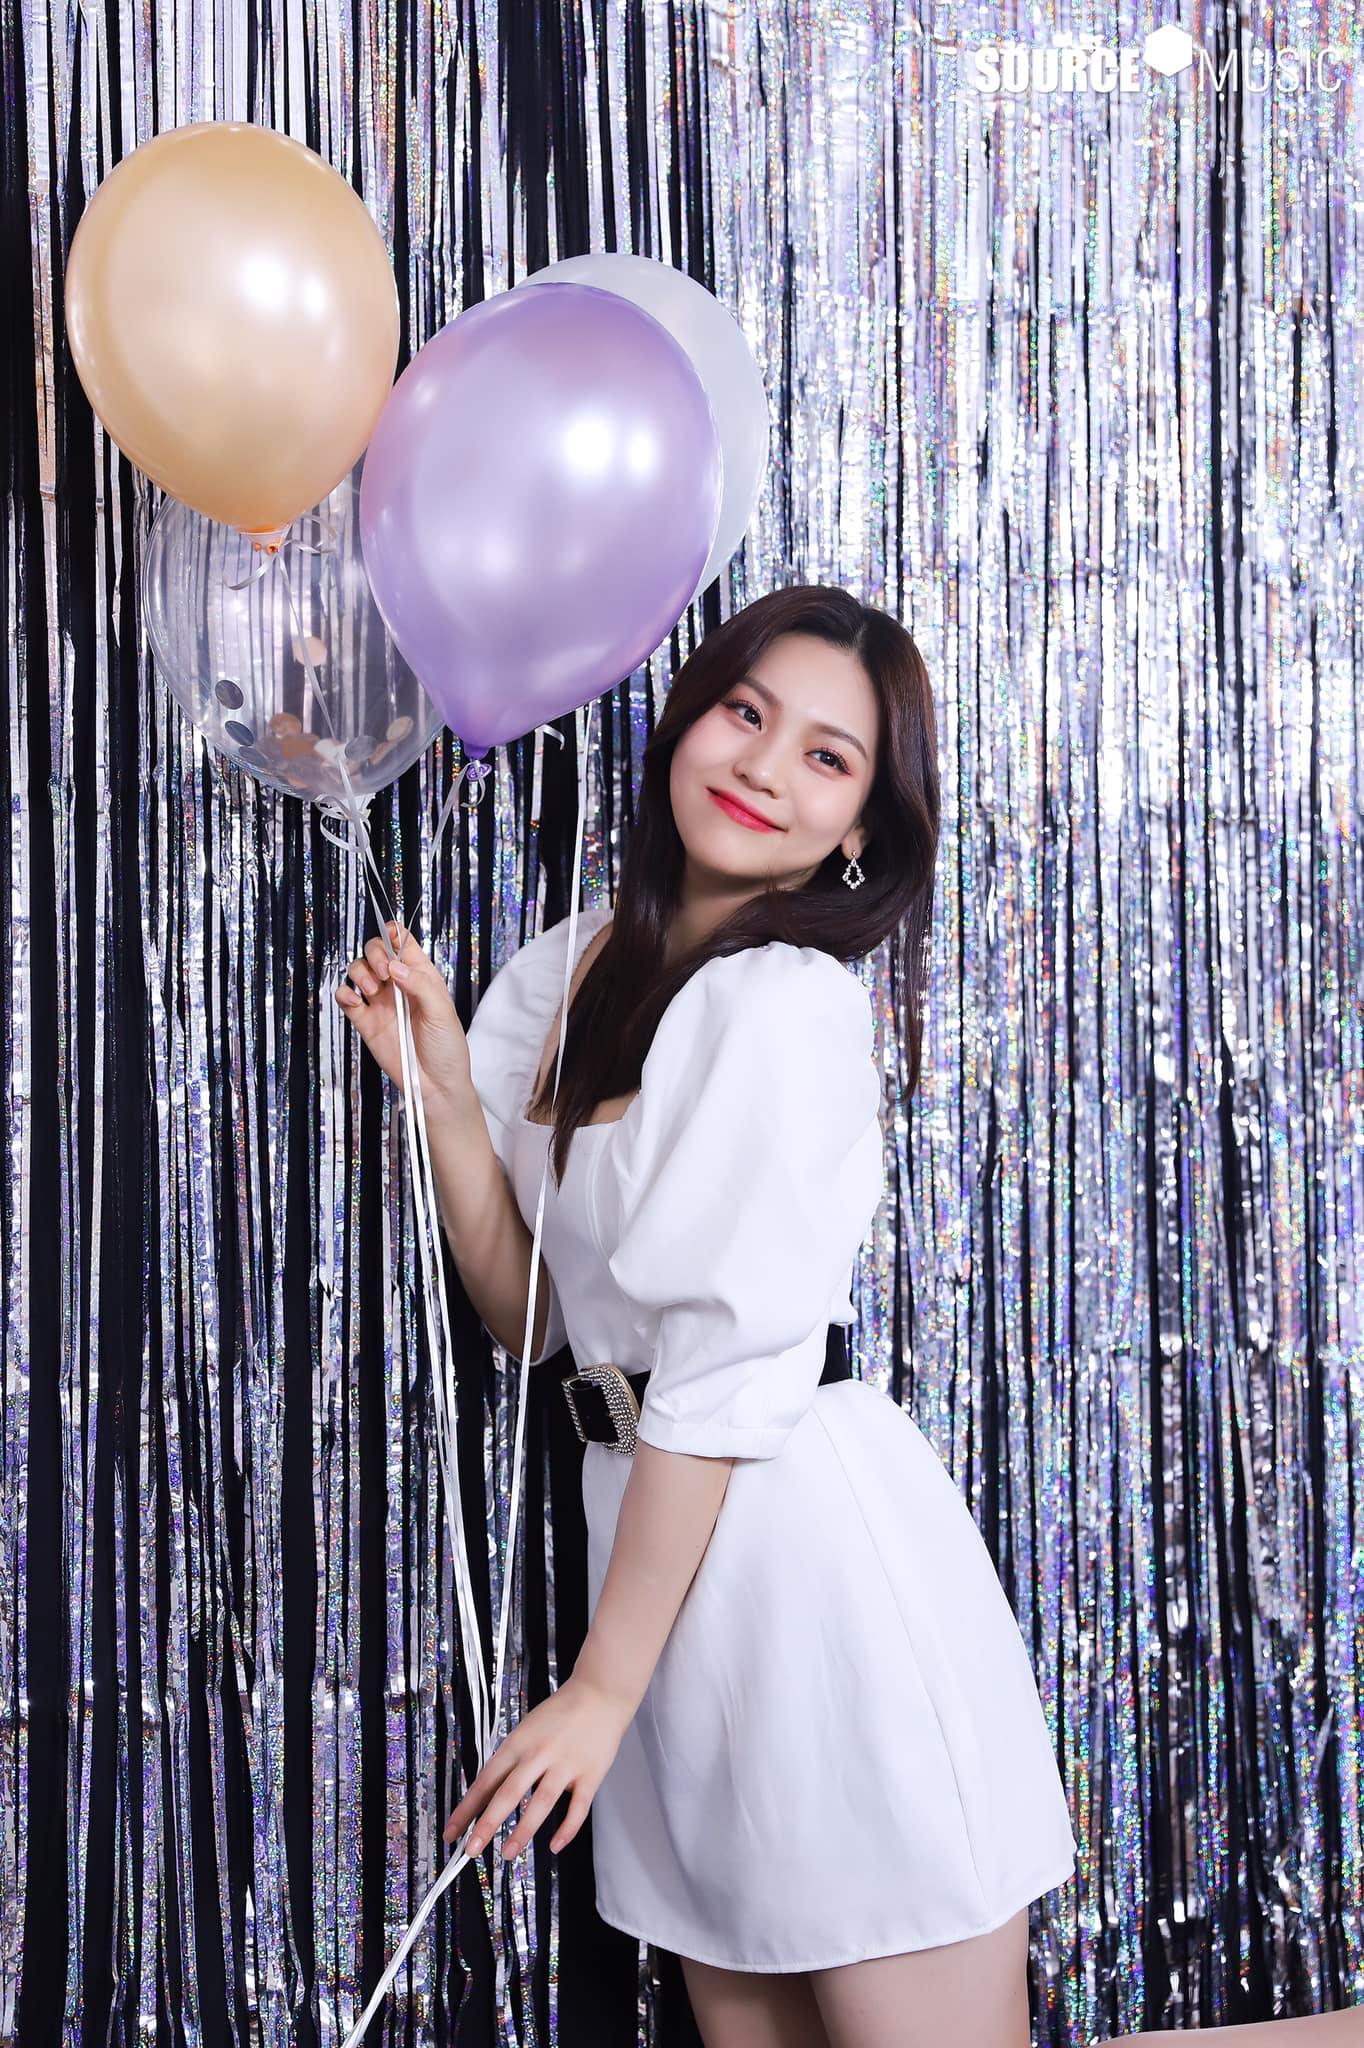 Nữ idol từng bị chê xấu nhất lịch sử Kpop, nay đã thăng hạng visual ngoạn mục chỉ nhờ… đổi dáng lông mày - Ảnh 10.